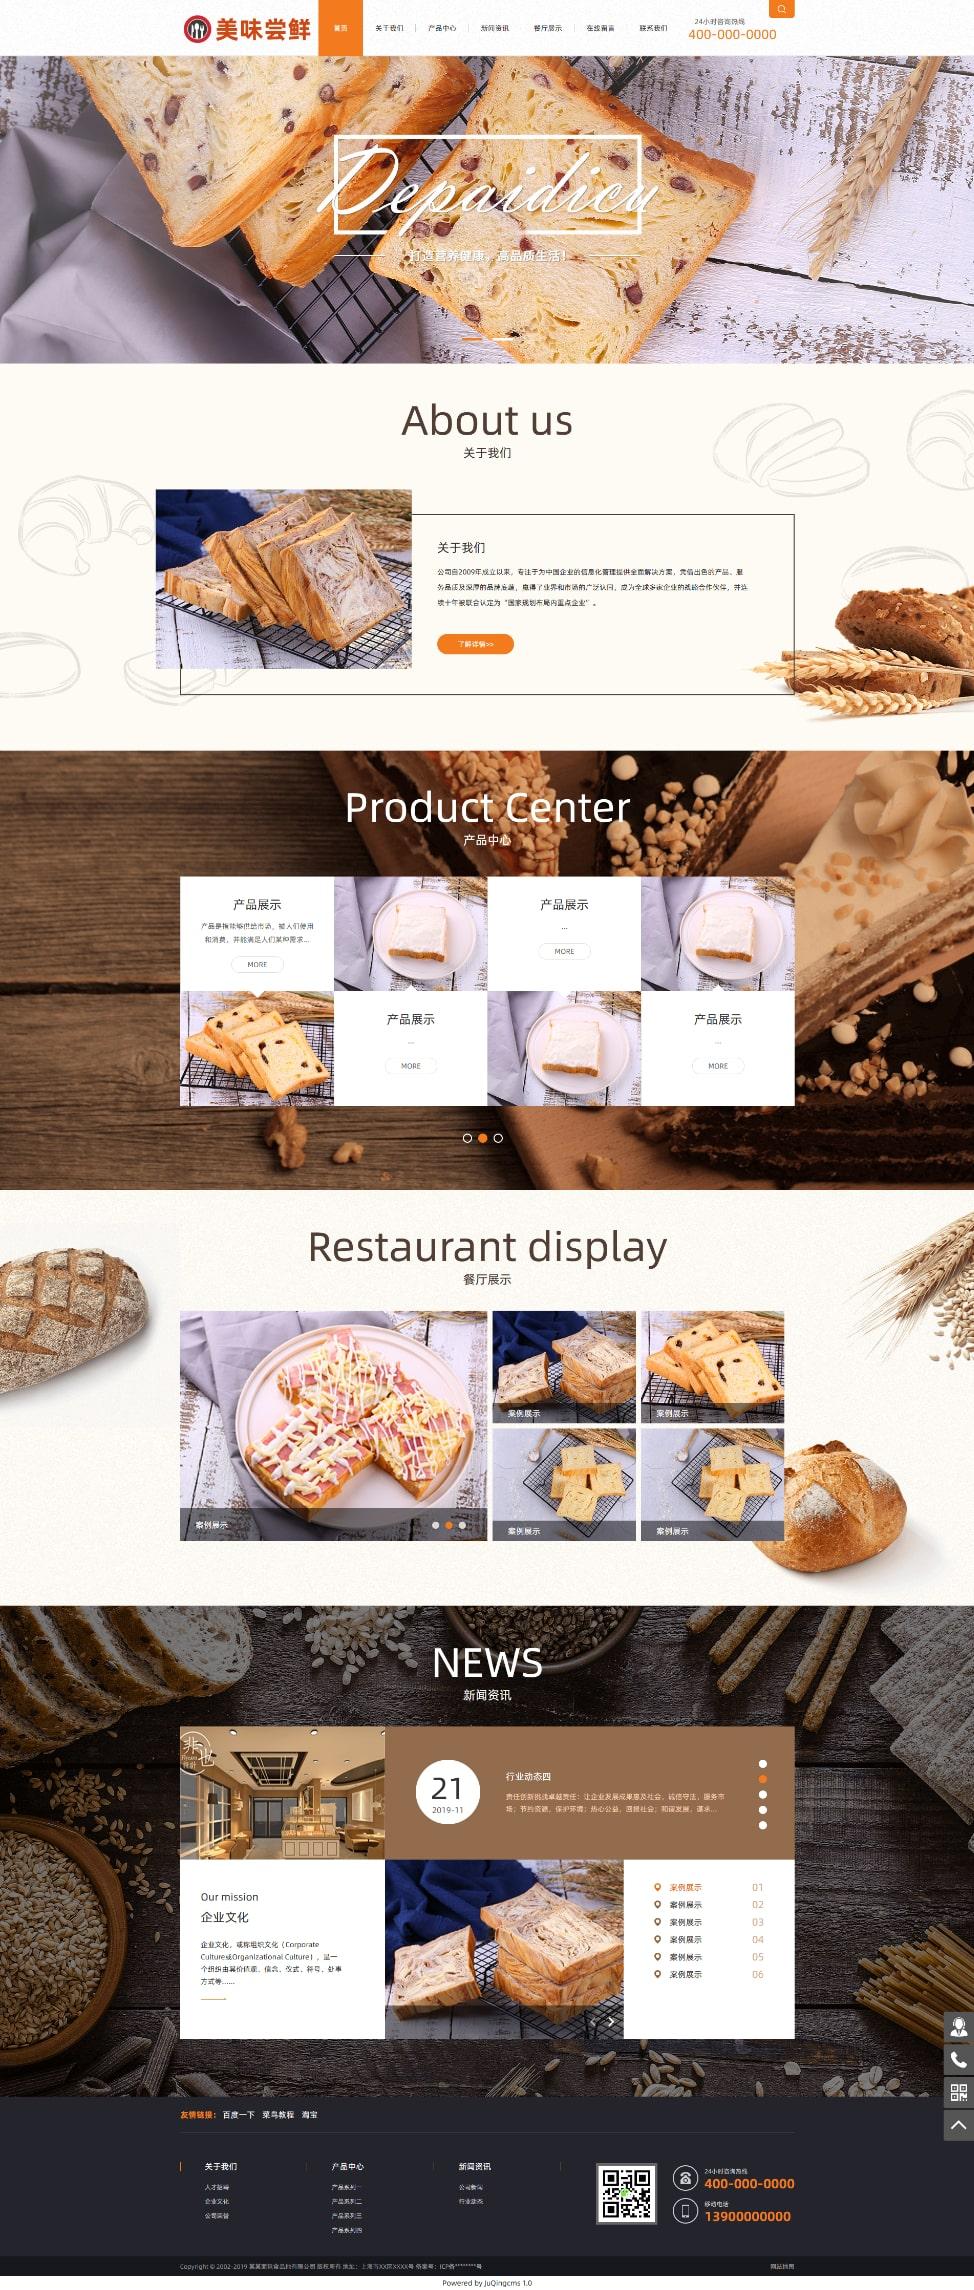 面包食品网站建设模板,面包食品网站建设源码,网站建设源码,网站建设模板